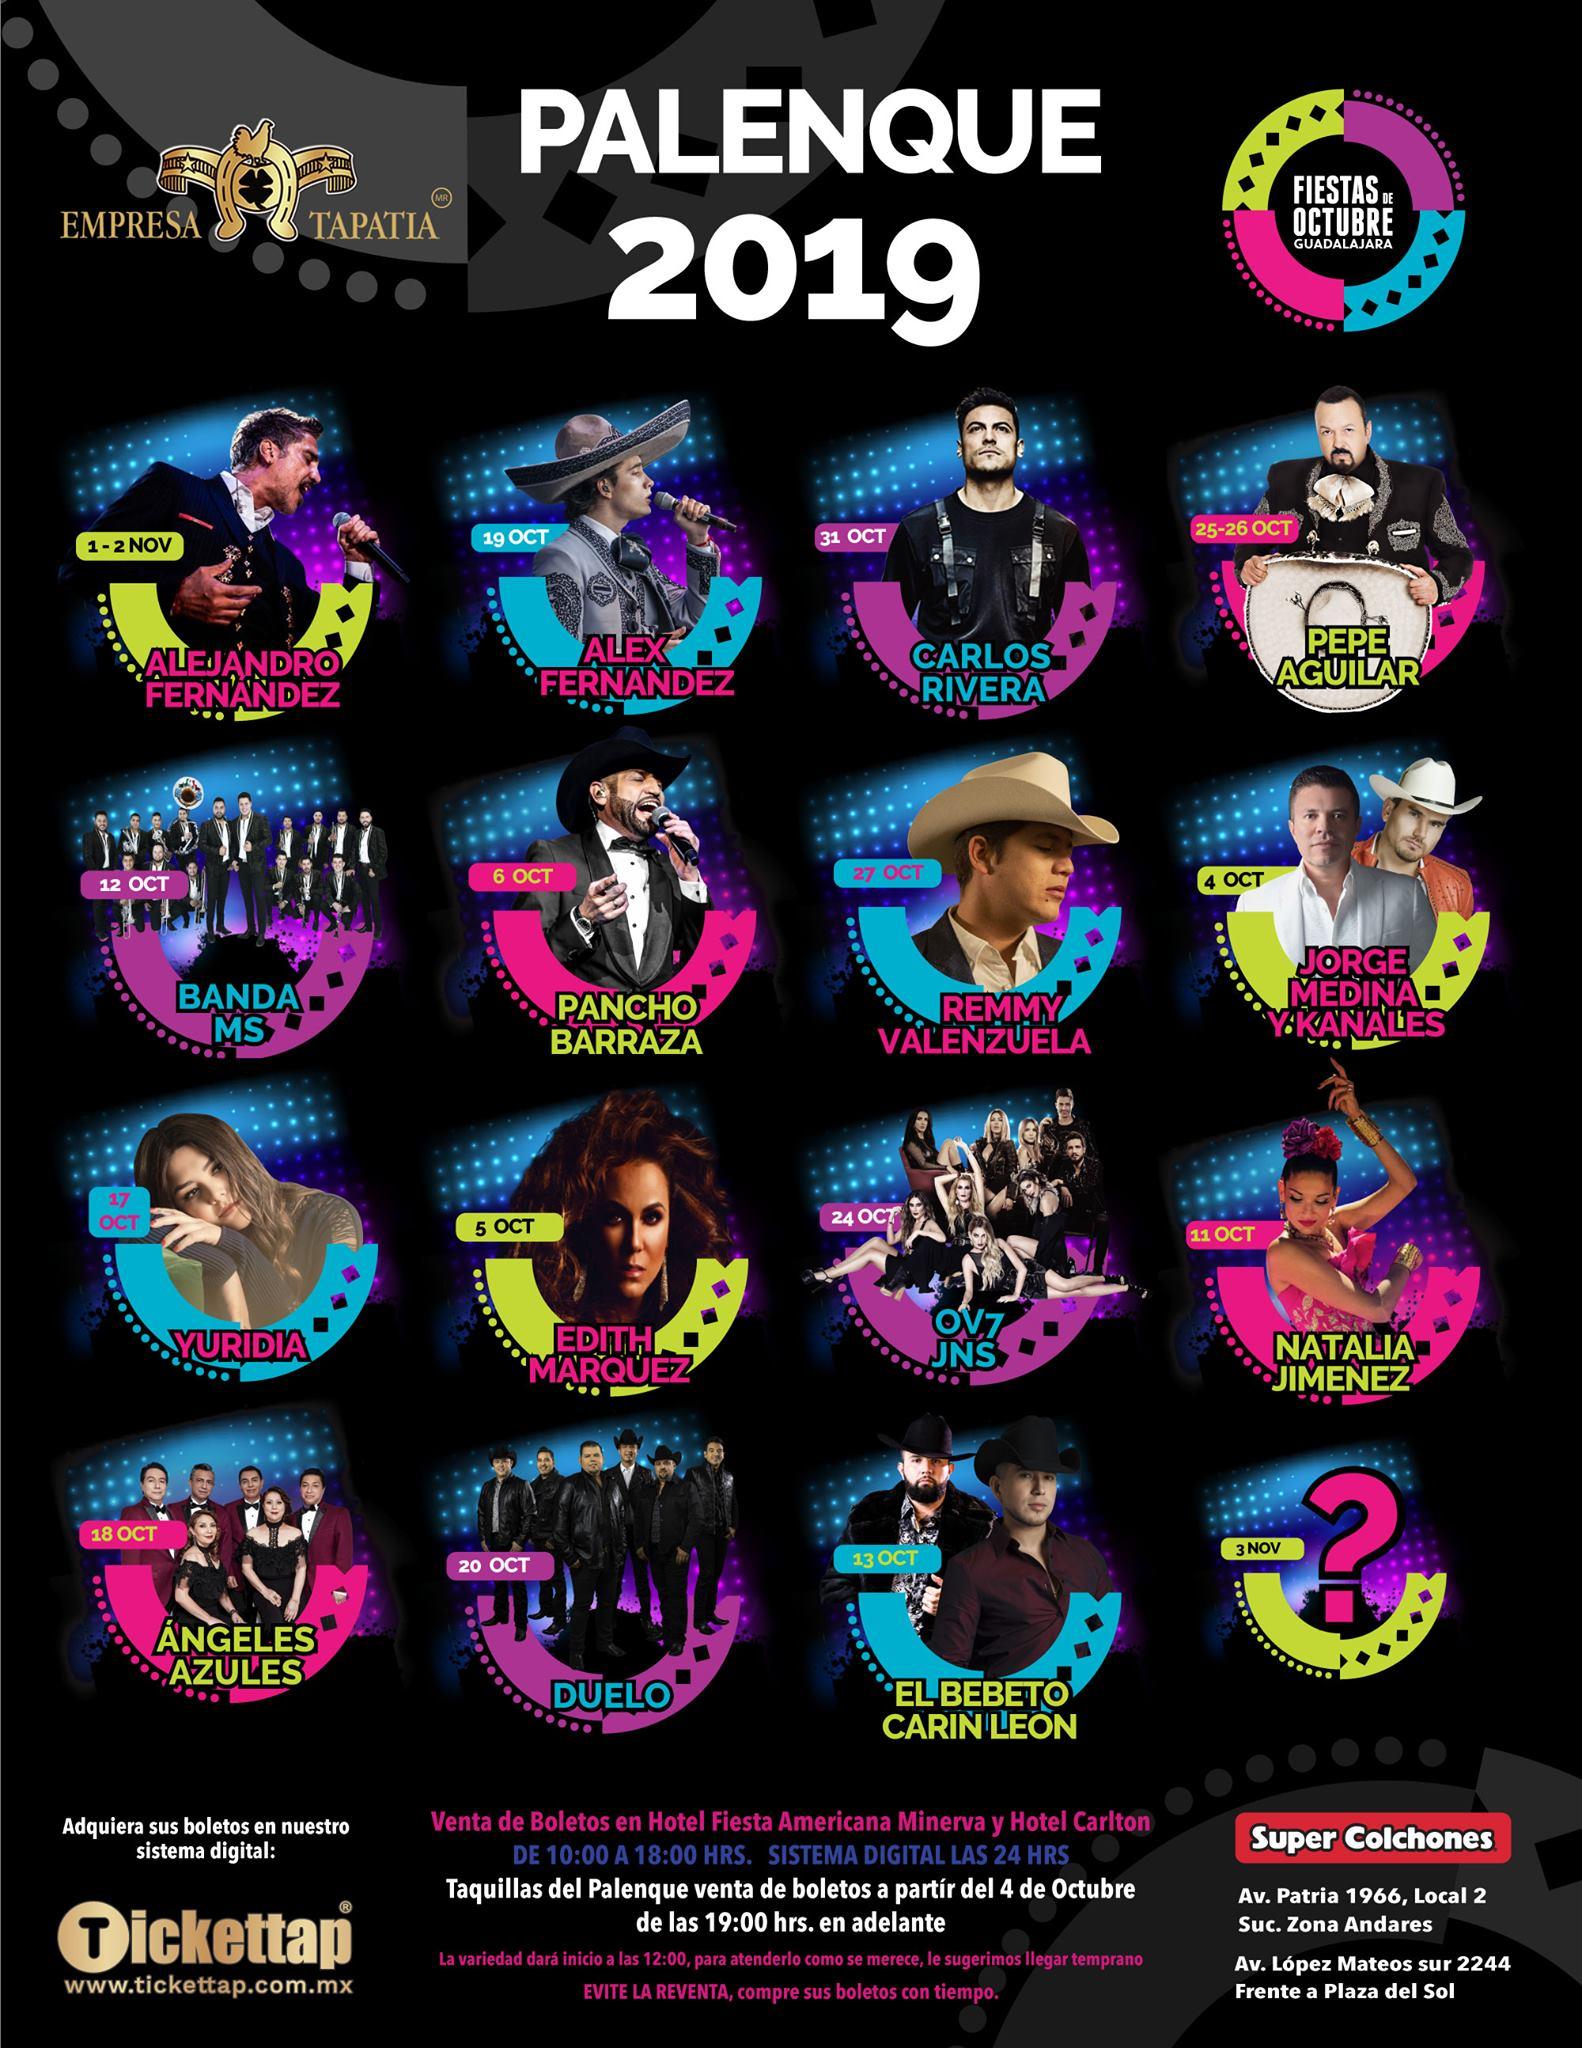 Palenque Fiestas de Octubre 2019